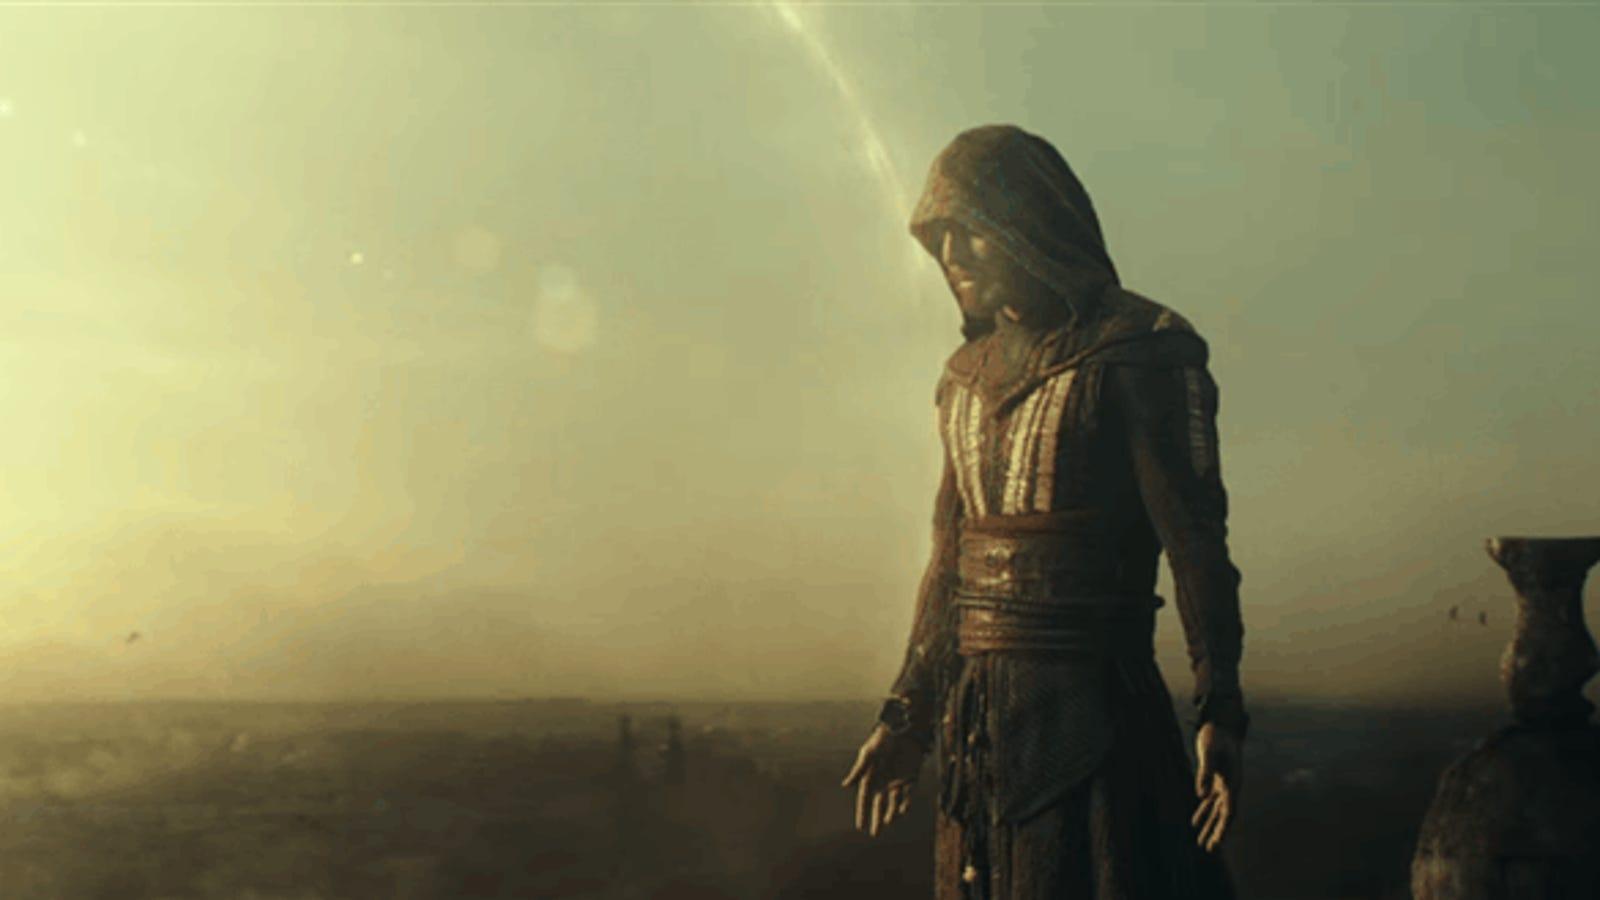 Este salto desde 40 metros de altura para la película Assassin's Creed no es CGI. Así se rodó